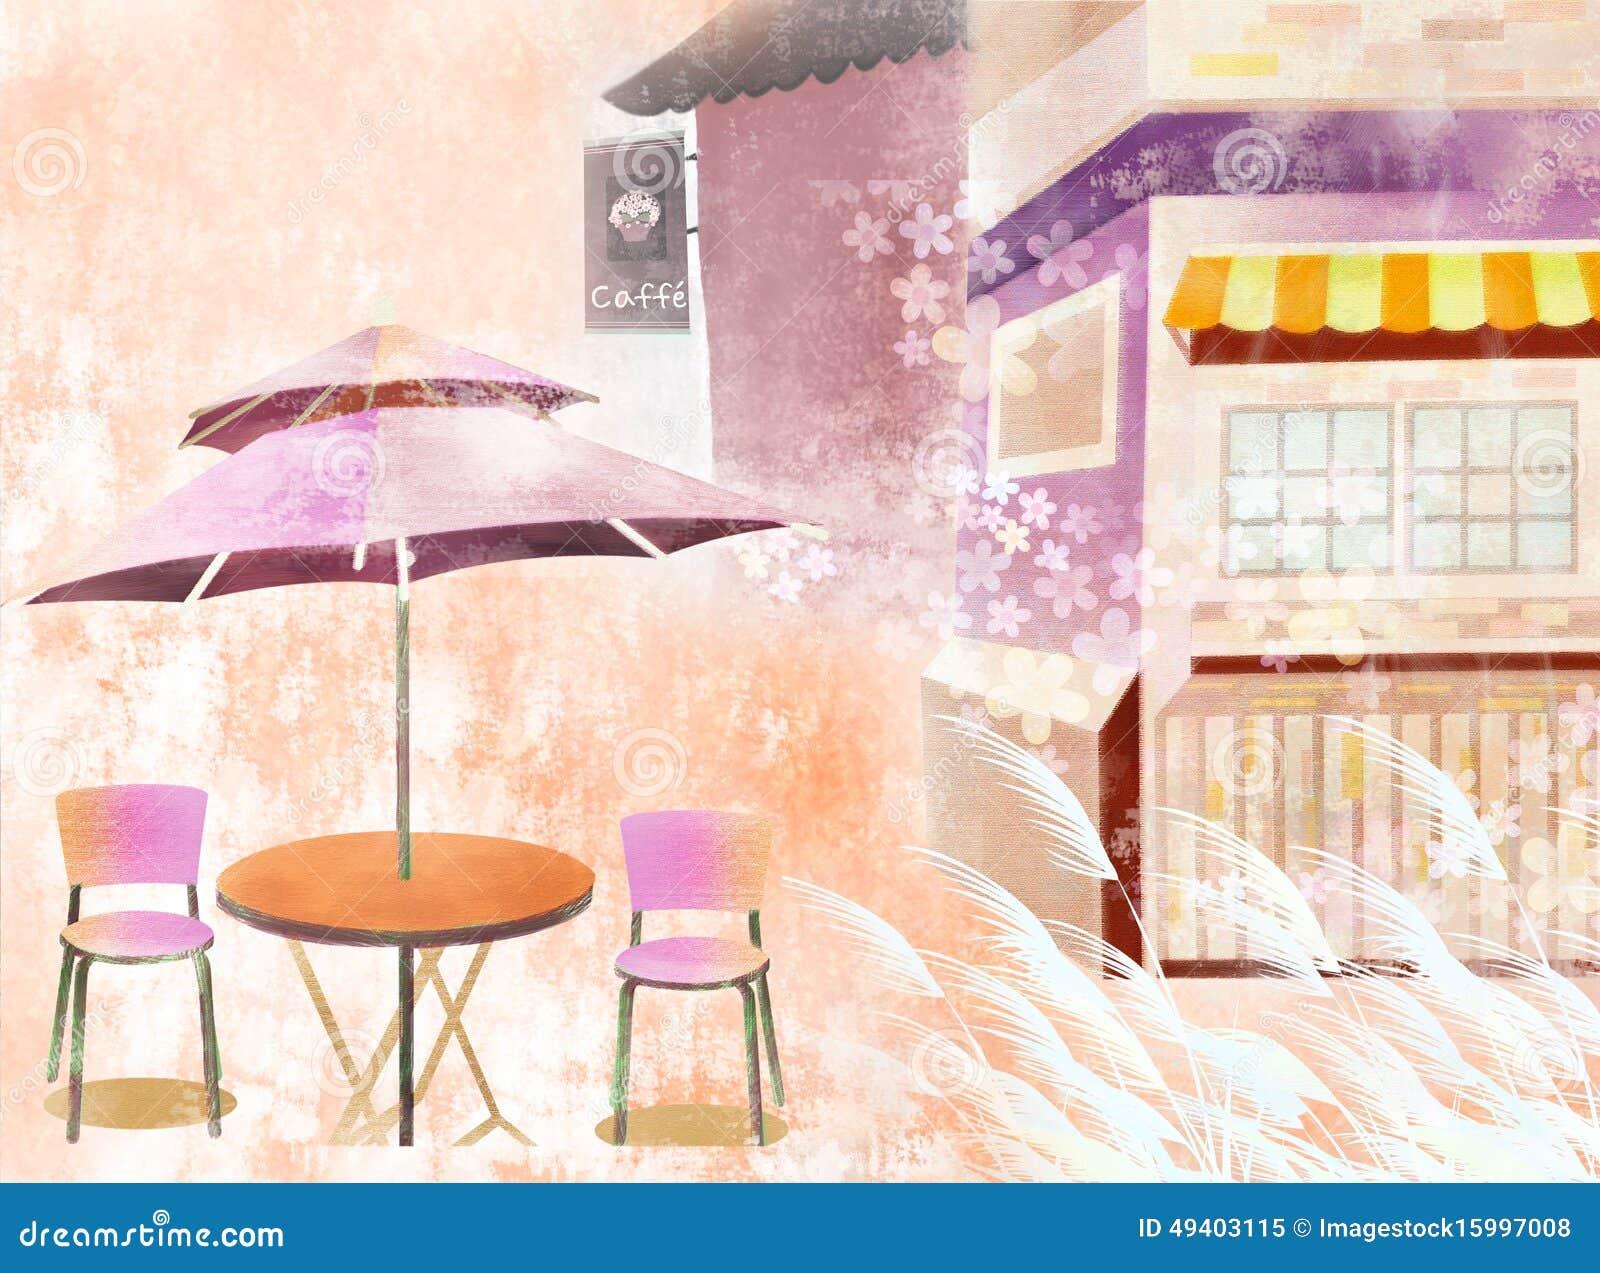 Download Schönes Café stock abbildung. Illustration von freizeit - 49403115